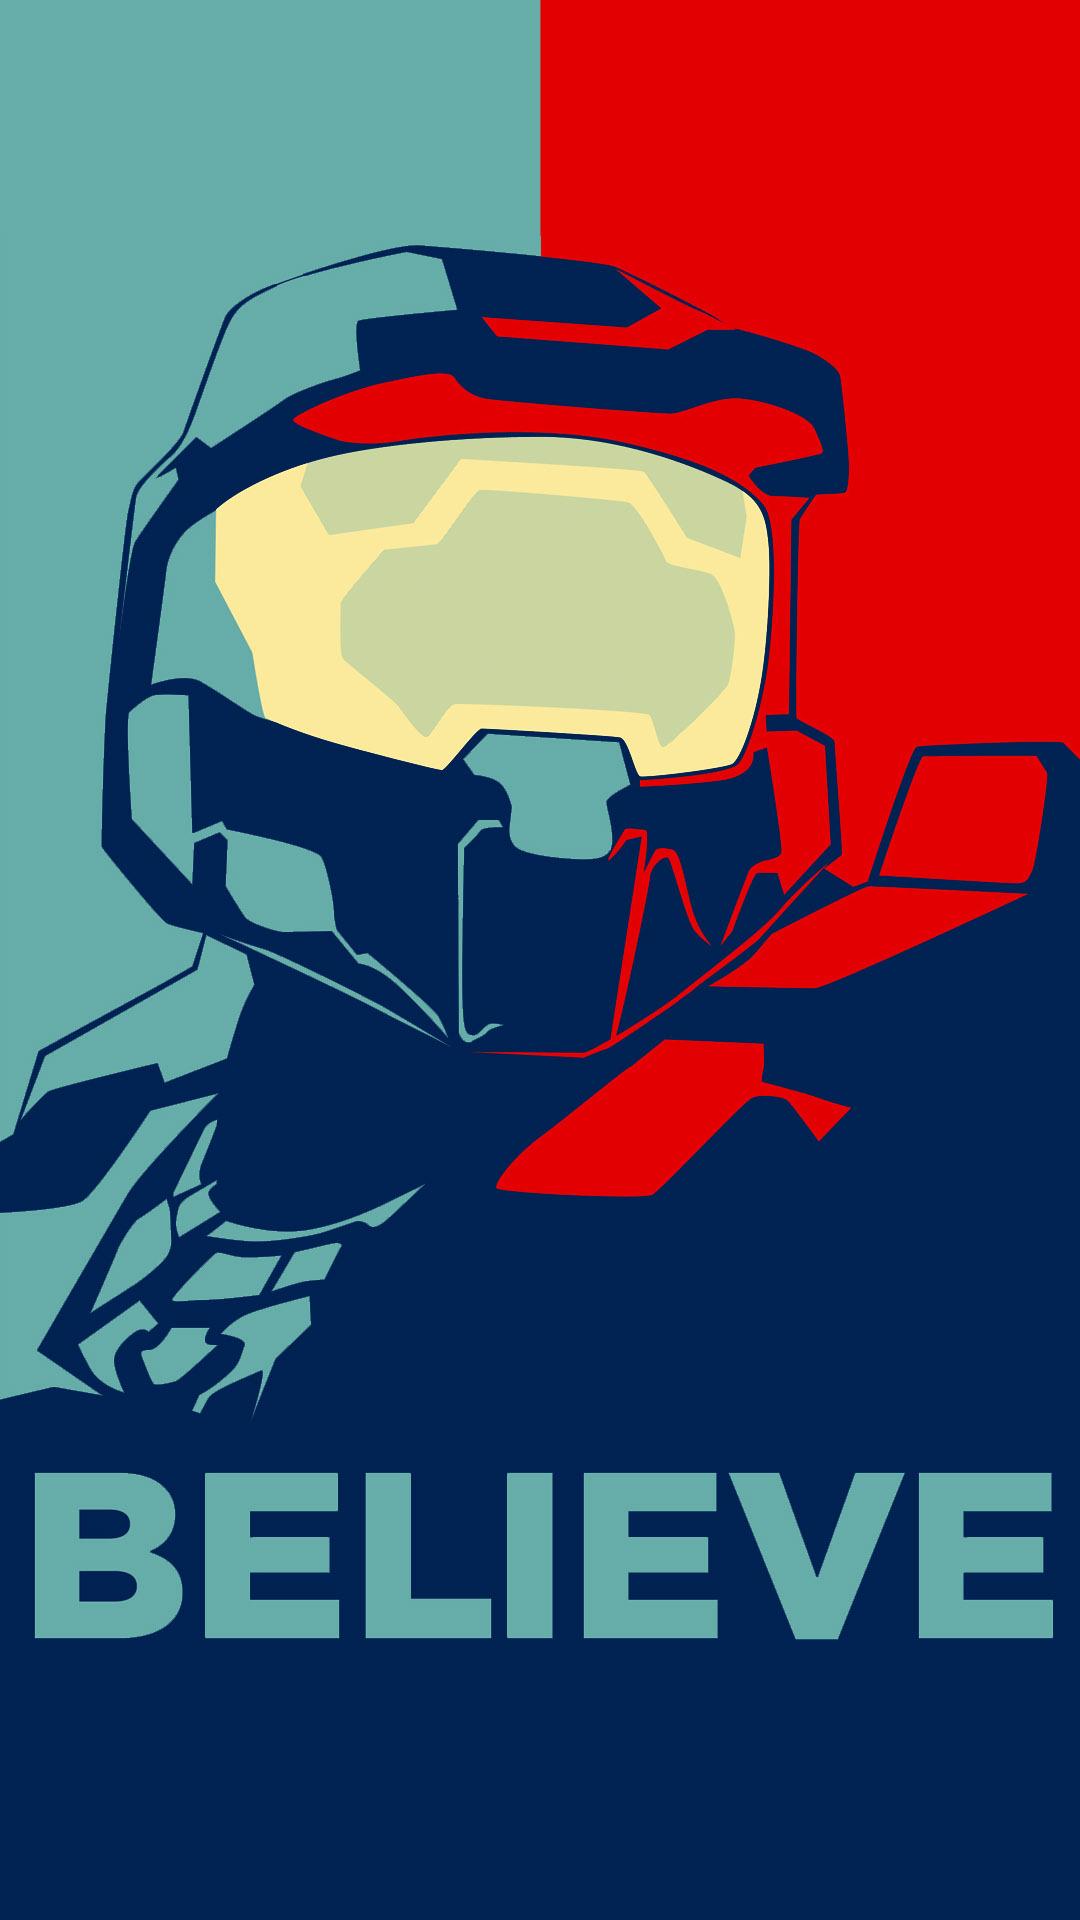 Halo Believe Vector Master Chief Pop Art 1086313 Hd Wallpaper Backgrounds Download